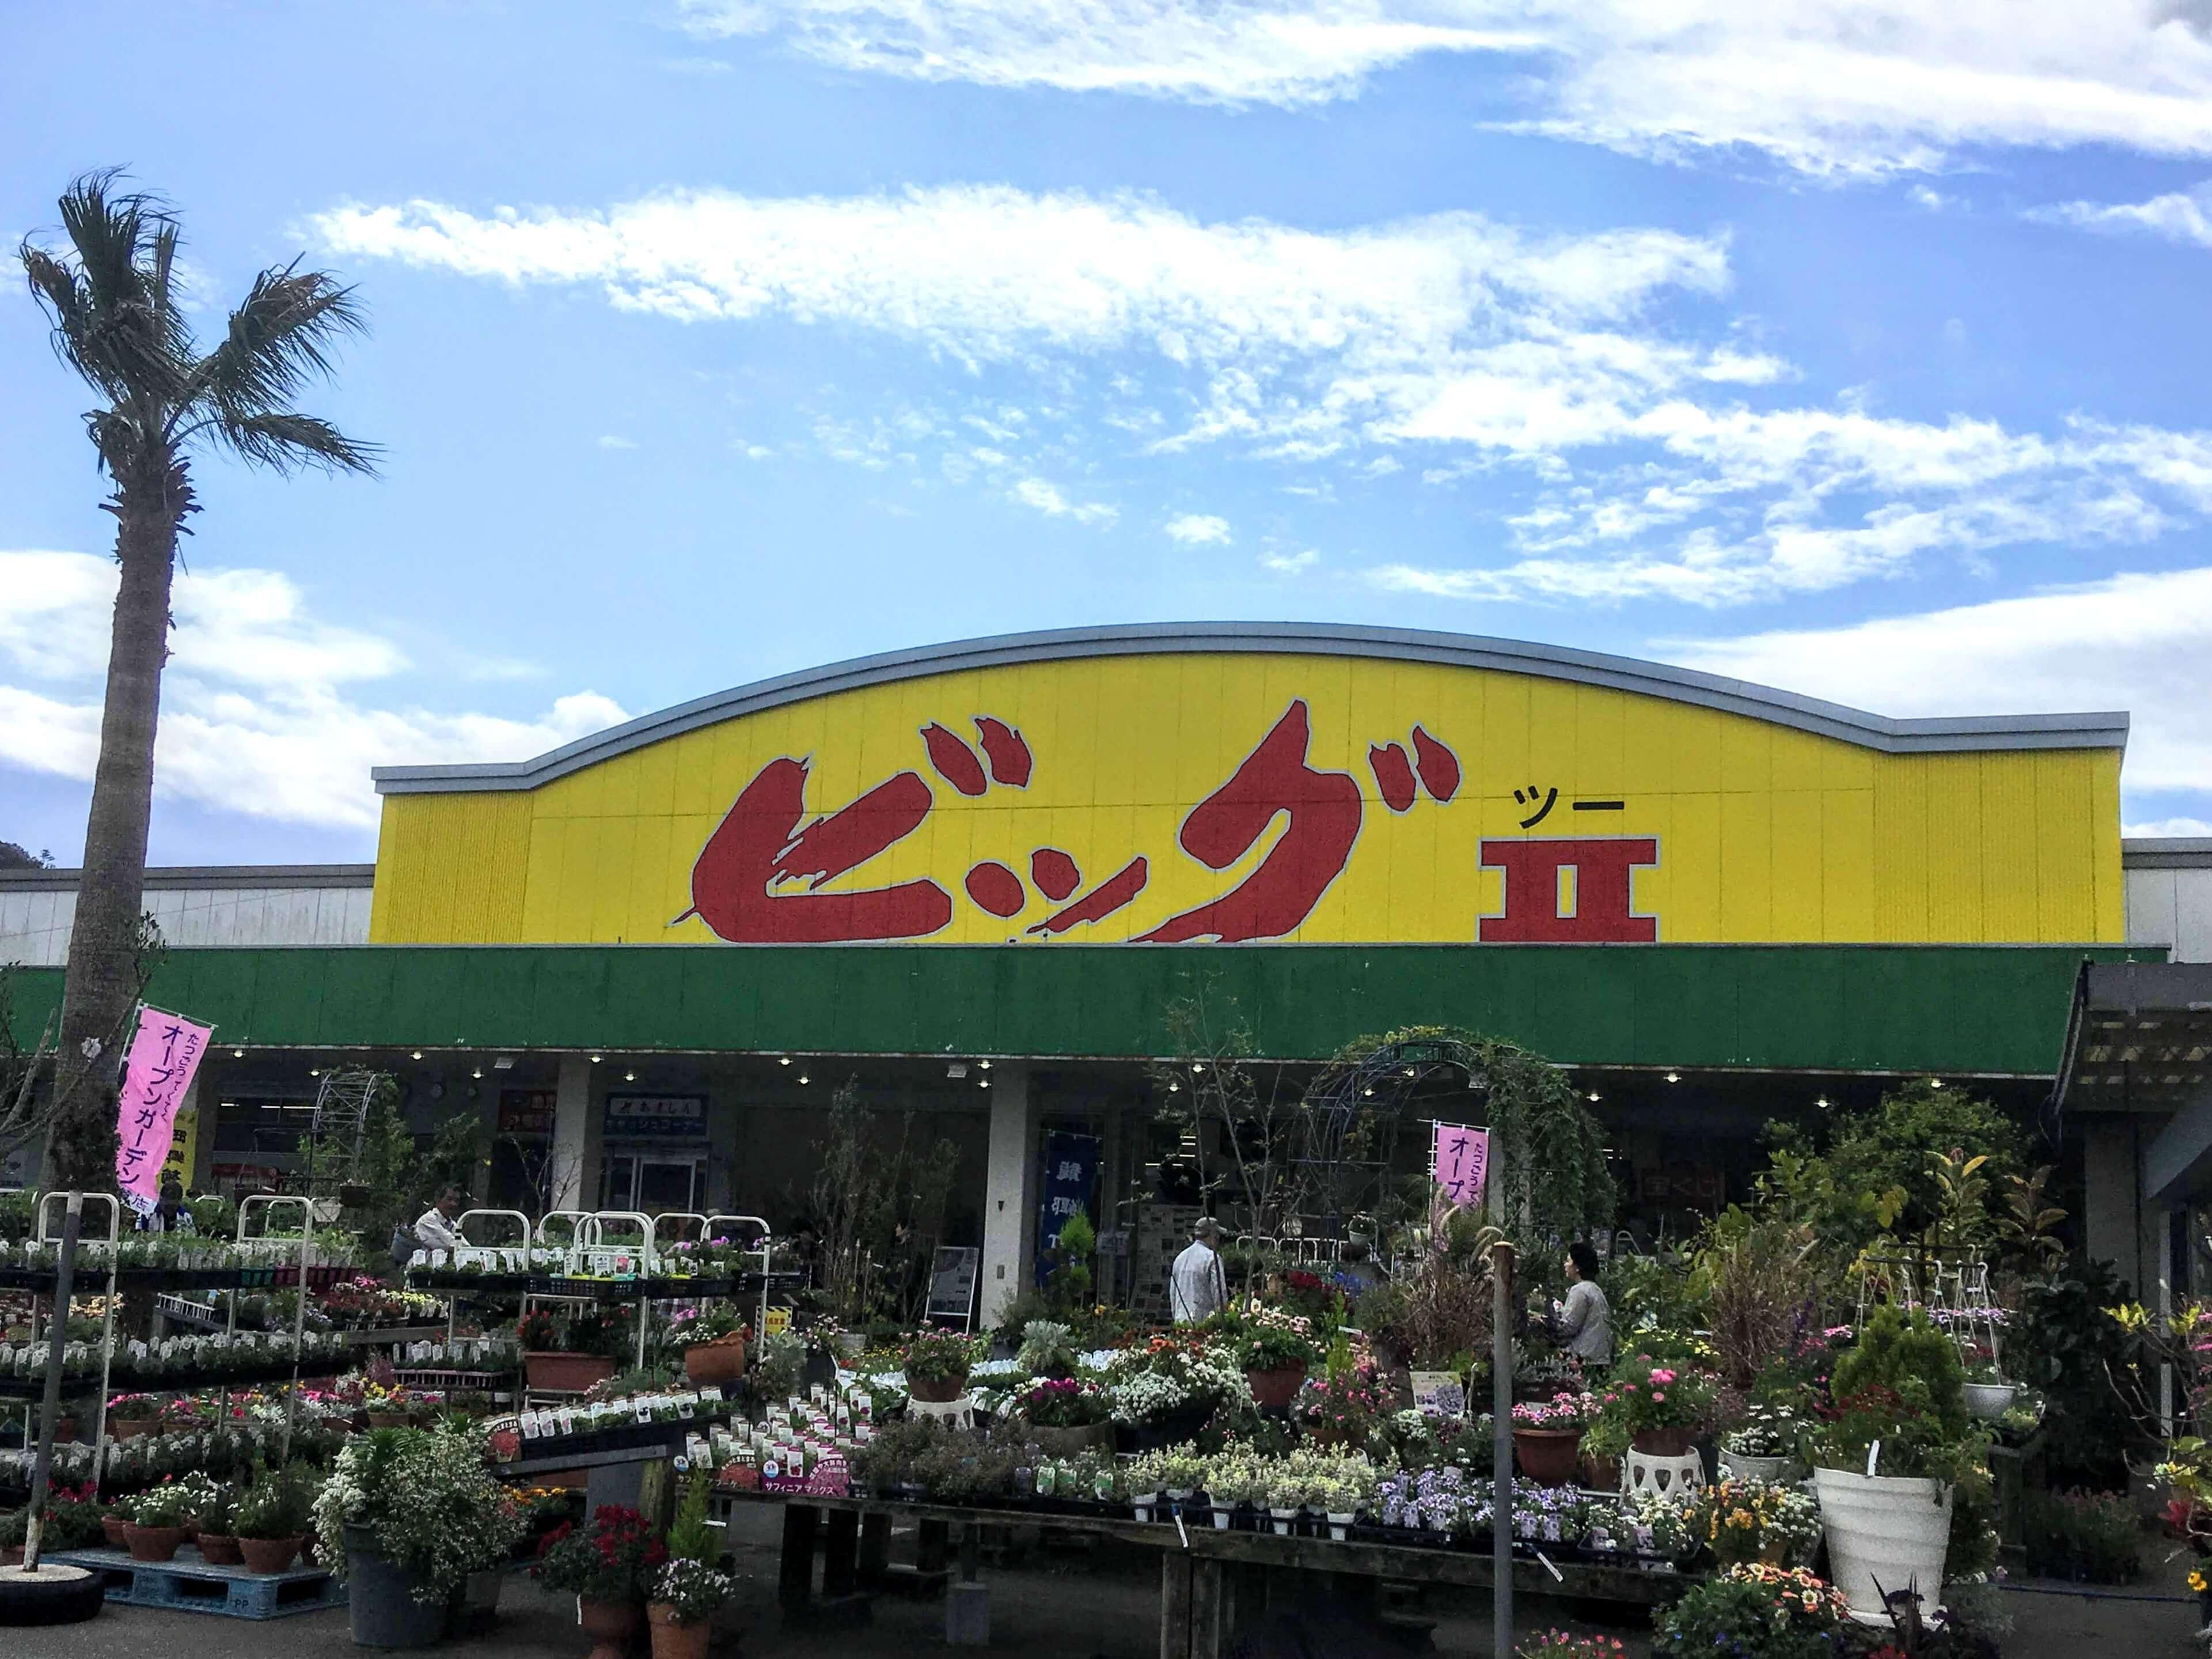 スーパービッグツー奄美店(龍郷)